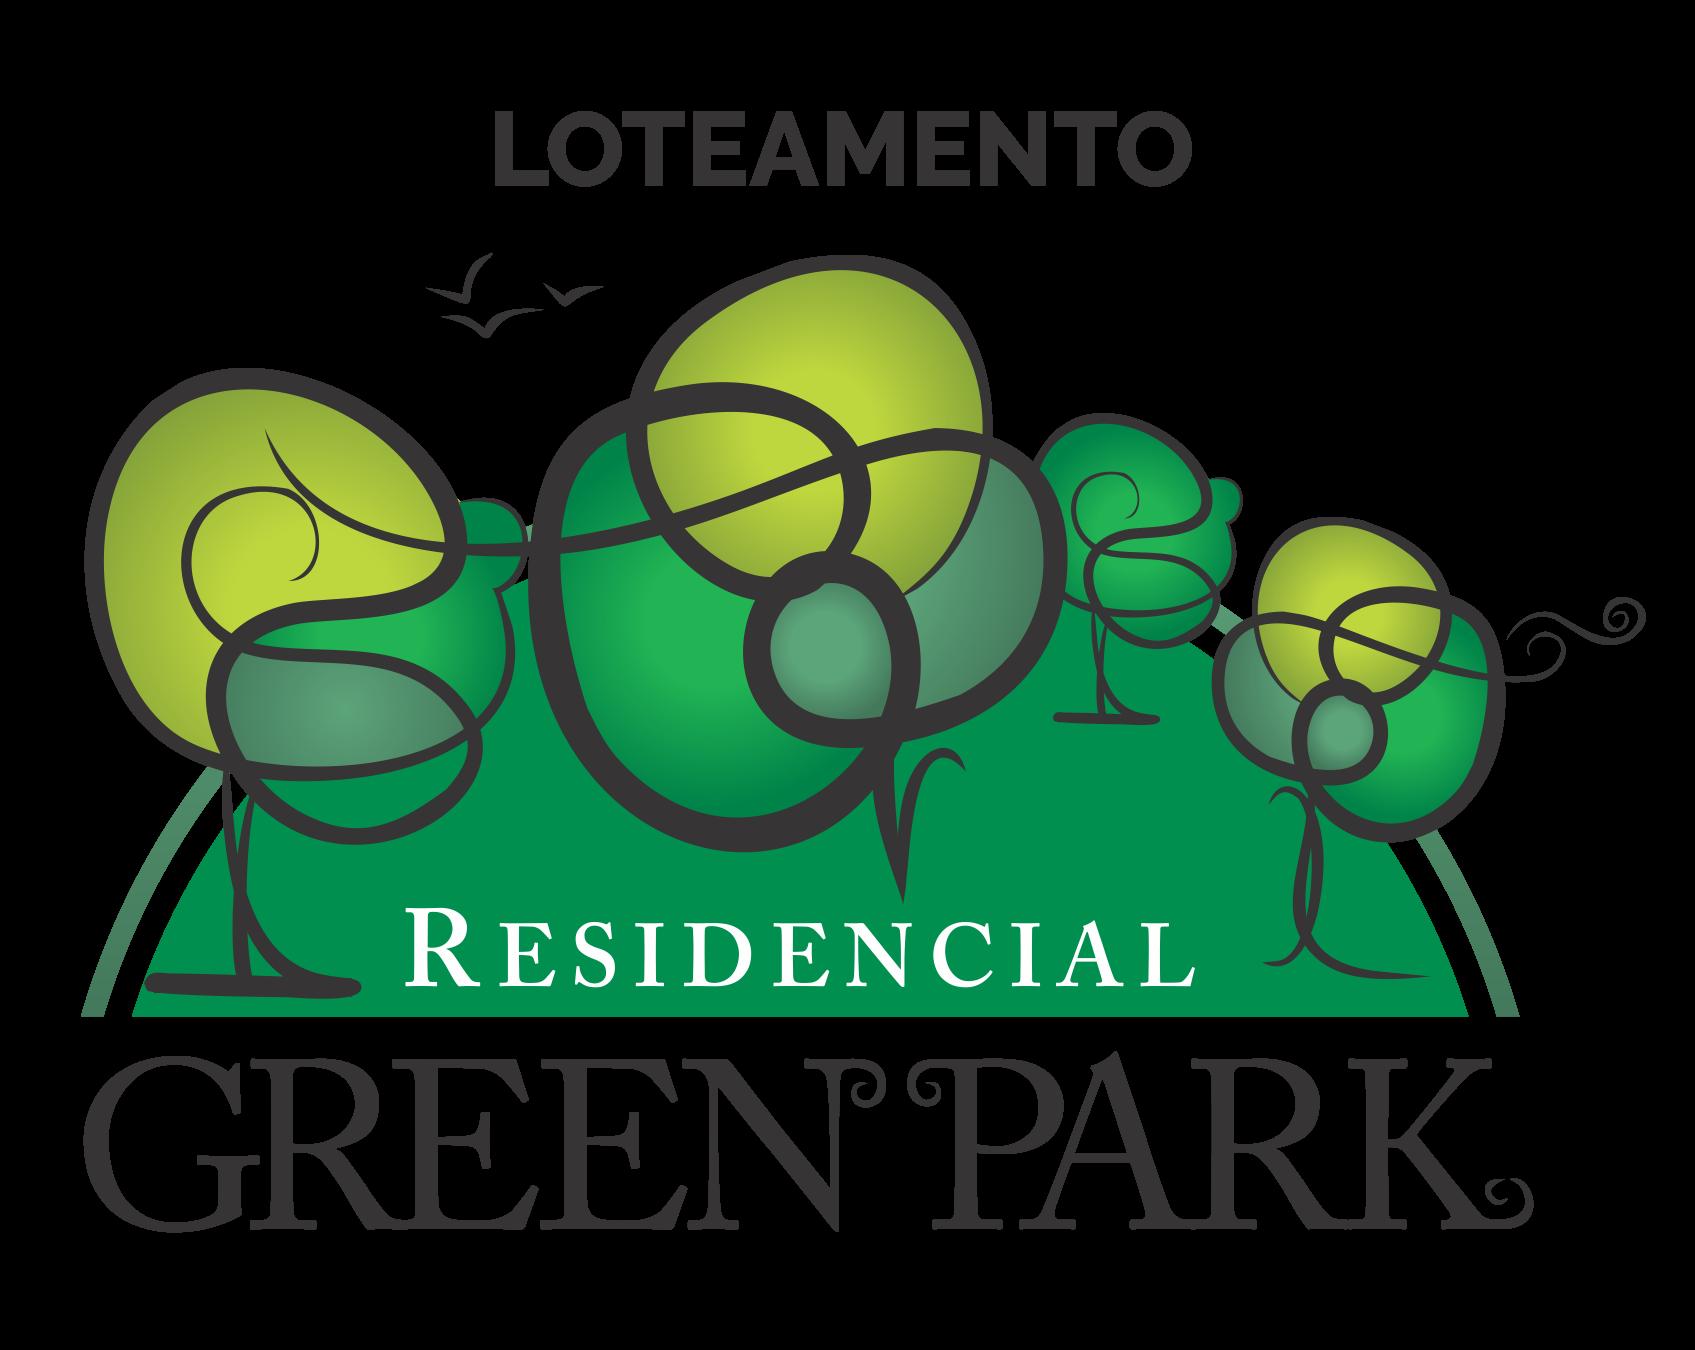 Loteamento Green Park